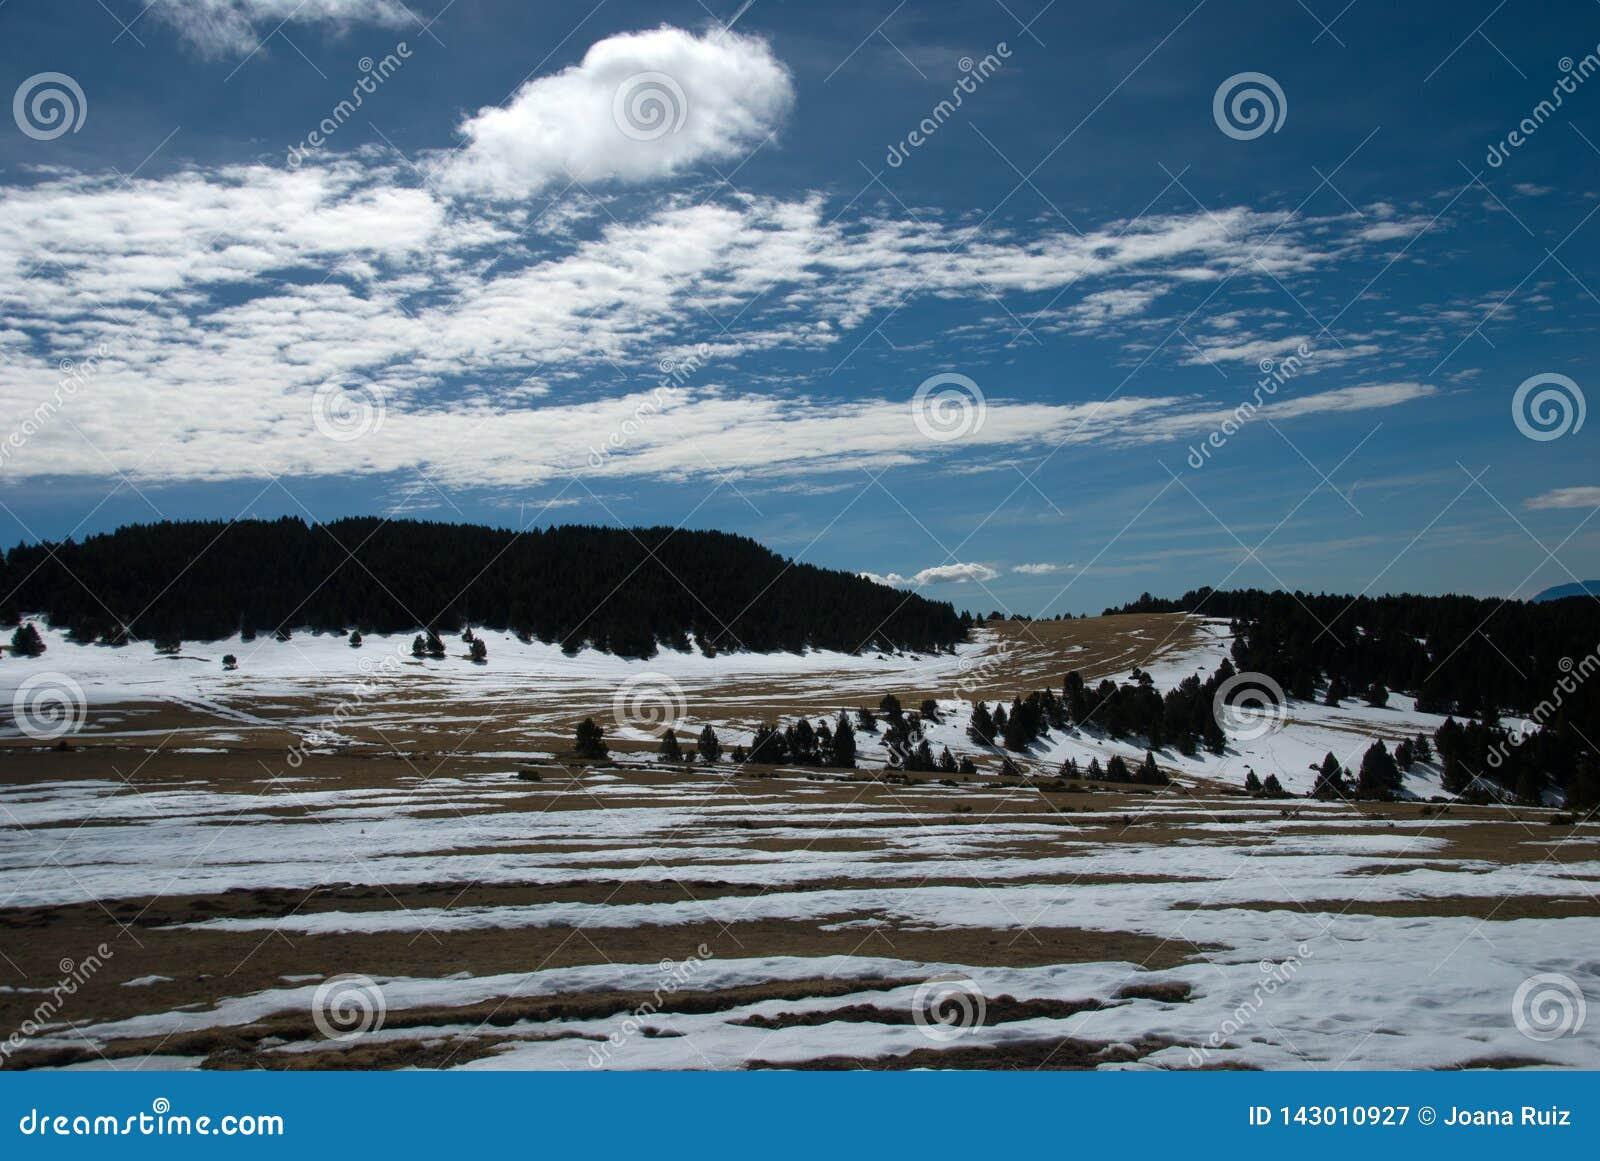 Χιόνι που λειώνει στις ανώμαλες να κάνει σκι διαδρομές